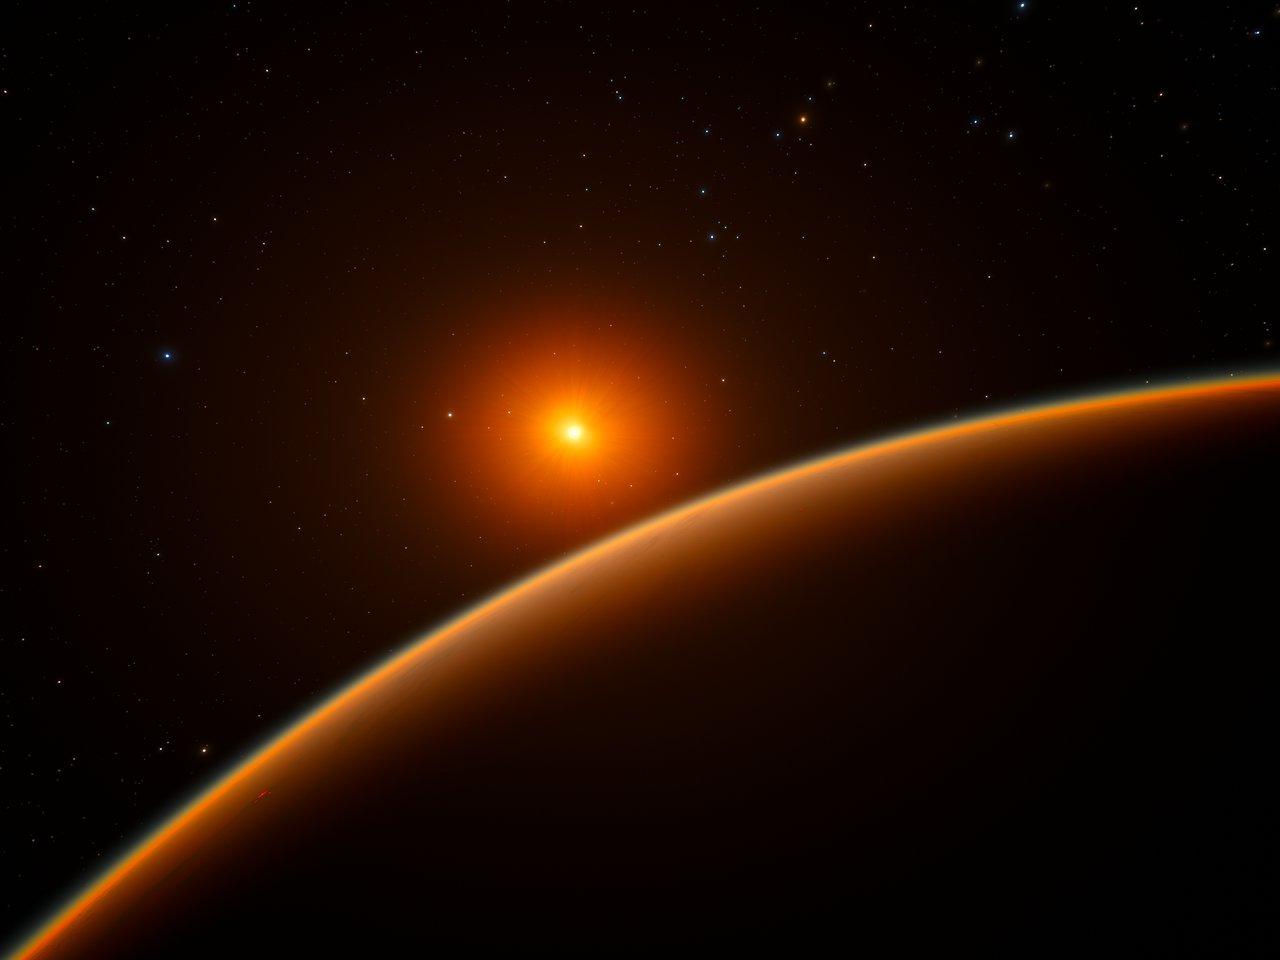 Concepção artística do exoplaneta do tipo super-Terra LHS 1140b